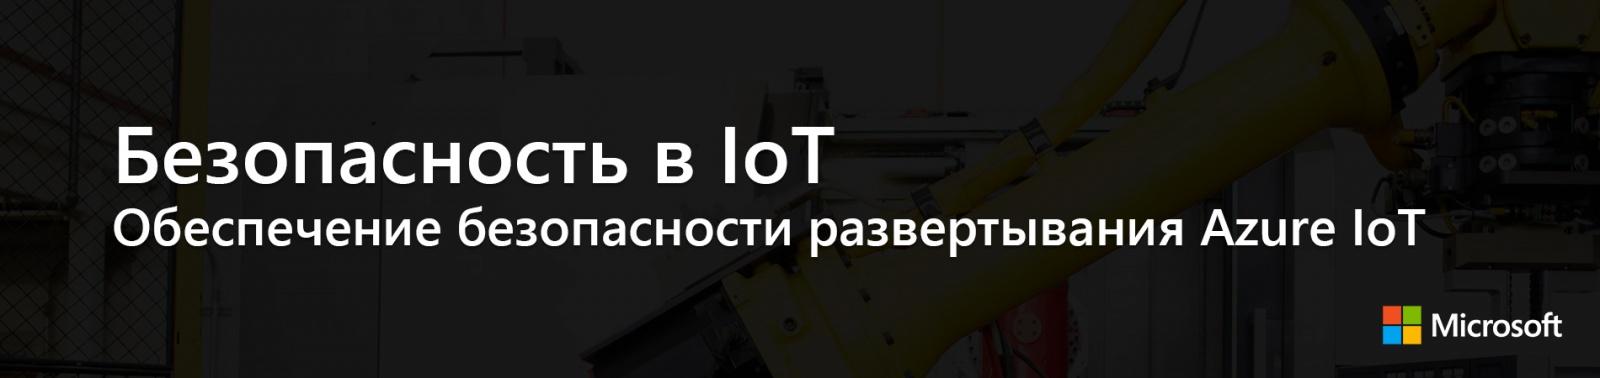 Безопасность в IoT: Обеспечение безопасности развертывания Azure IoT - 1